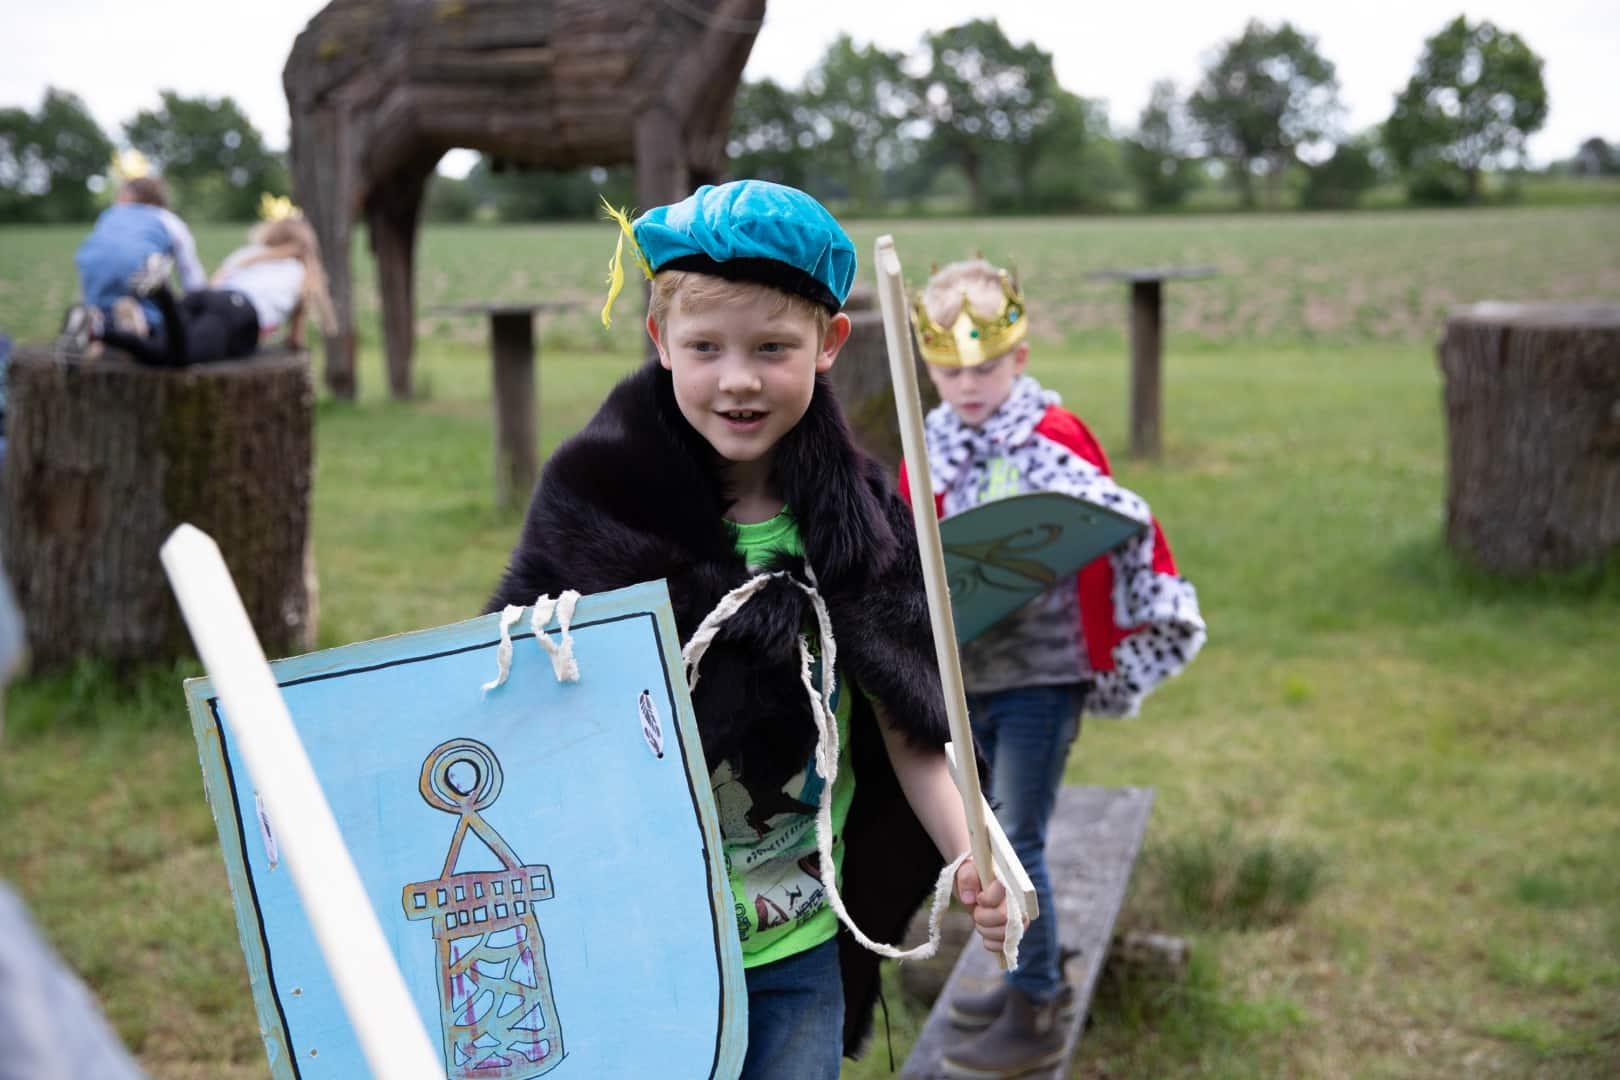 Familotel Gut Landegge Familienurlaub im Emsland Alles für Kids und Teens